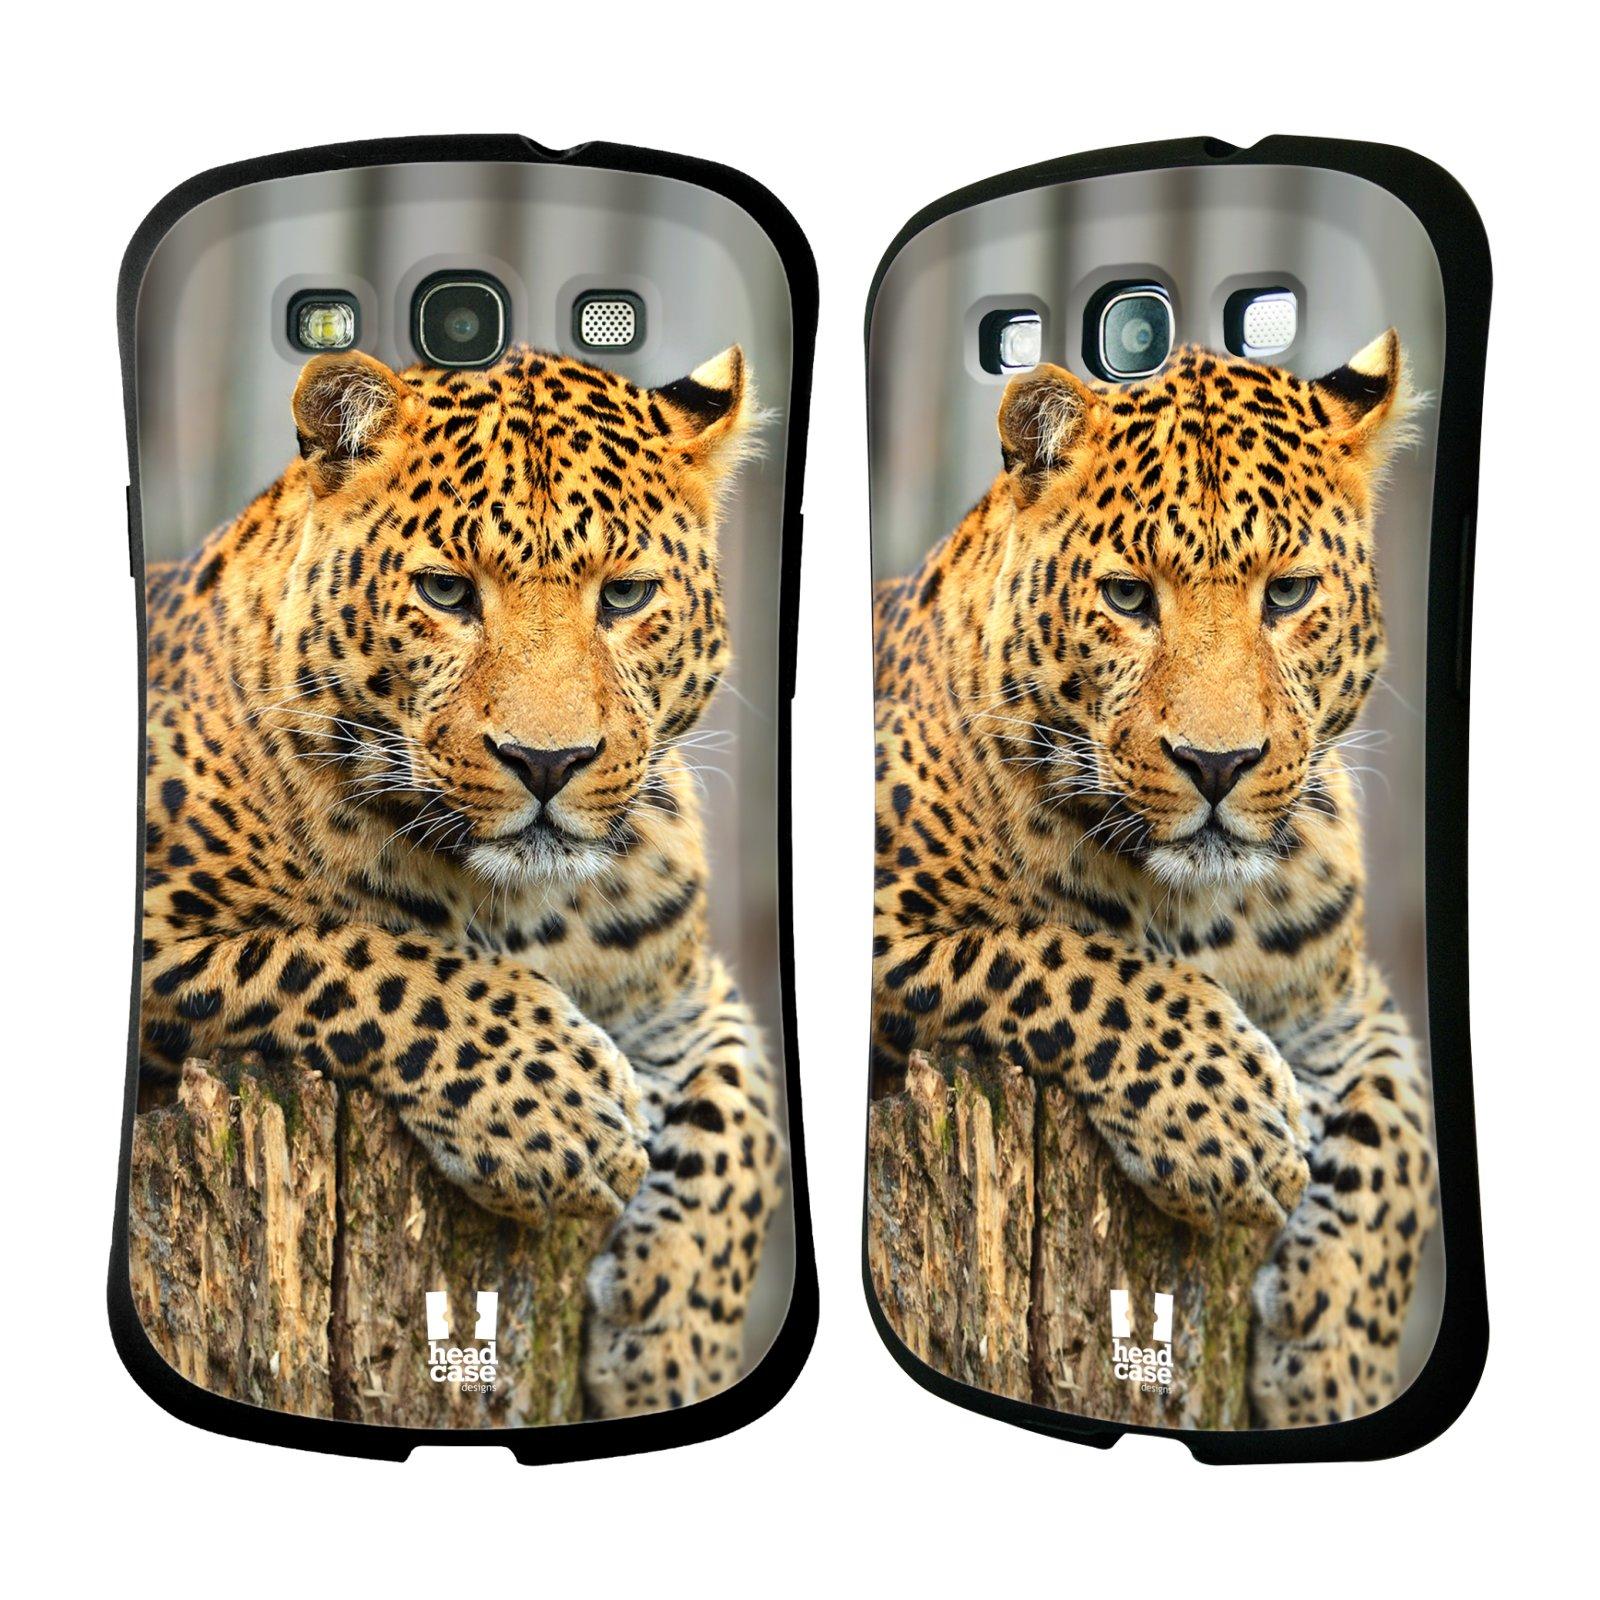 HEAD CASE silikon/plast odolný obal na mobil Samsung Galaxy S3 vzor Divočina, Divoký život a zvířata foto LEOPARD PORTRÉT